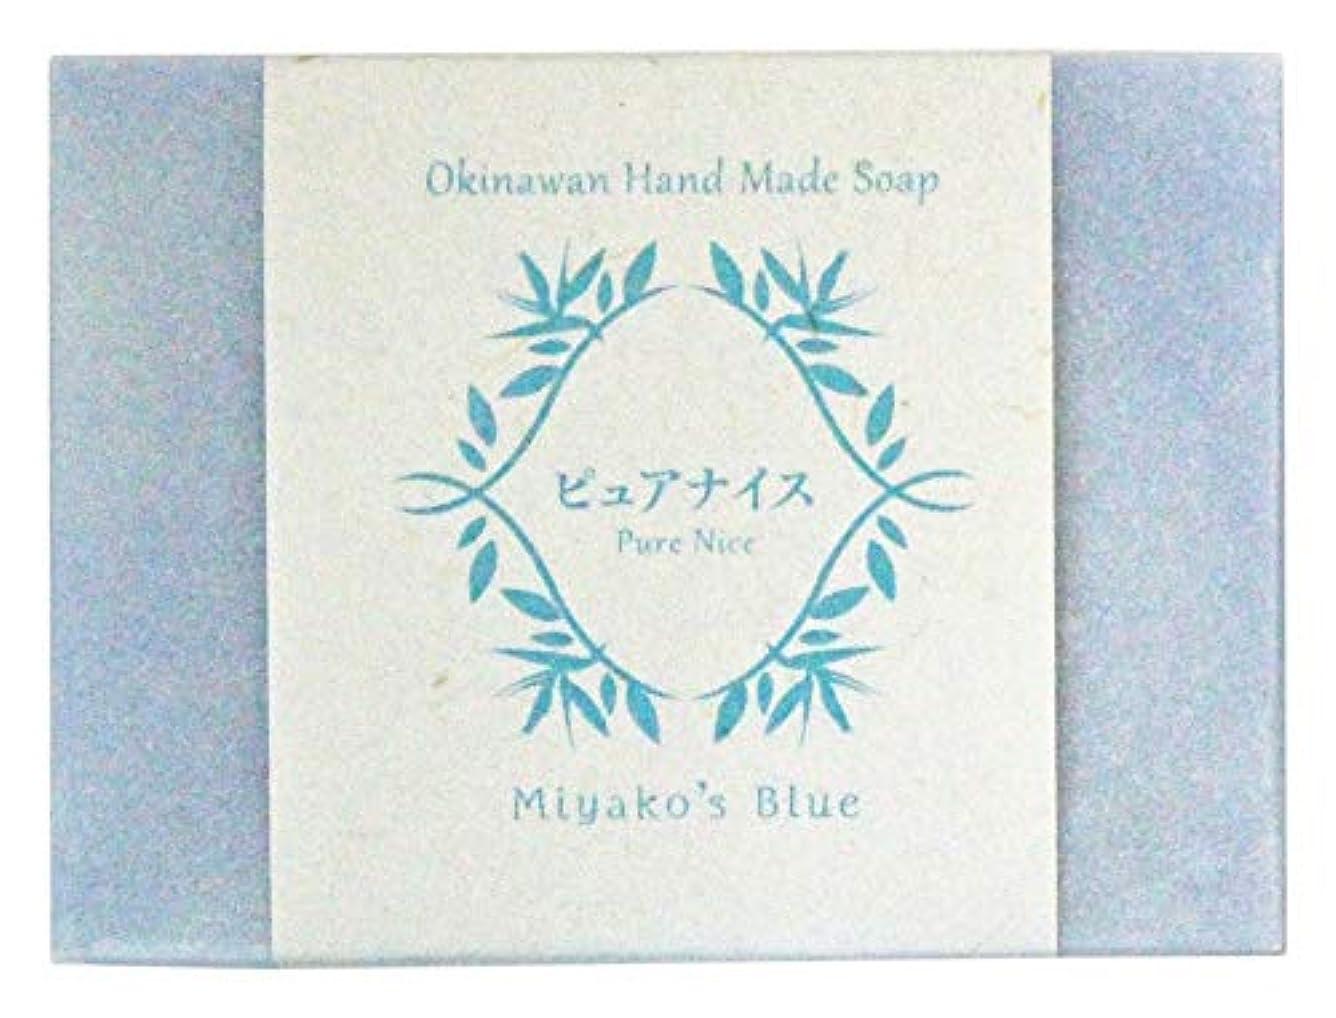 すみません不承認電話ピュアナイス おきなわ素材石けん Mikako's Blue 100g